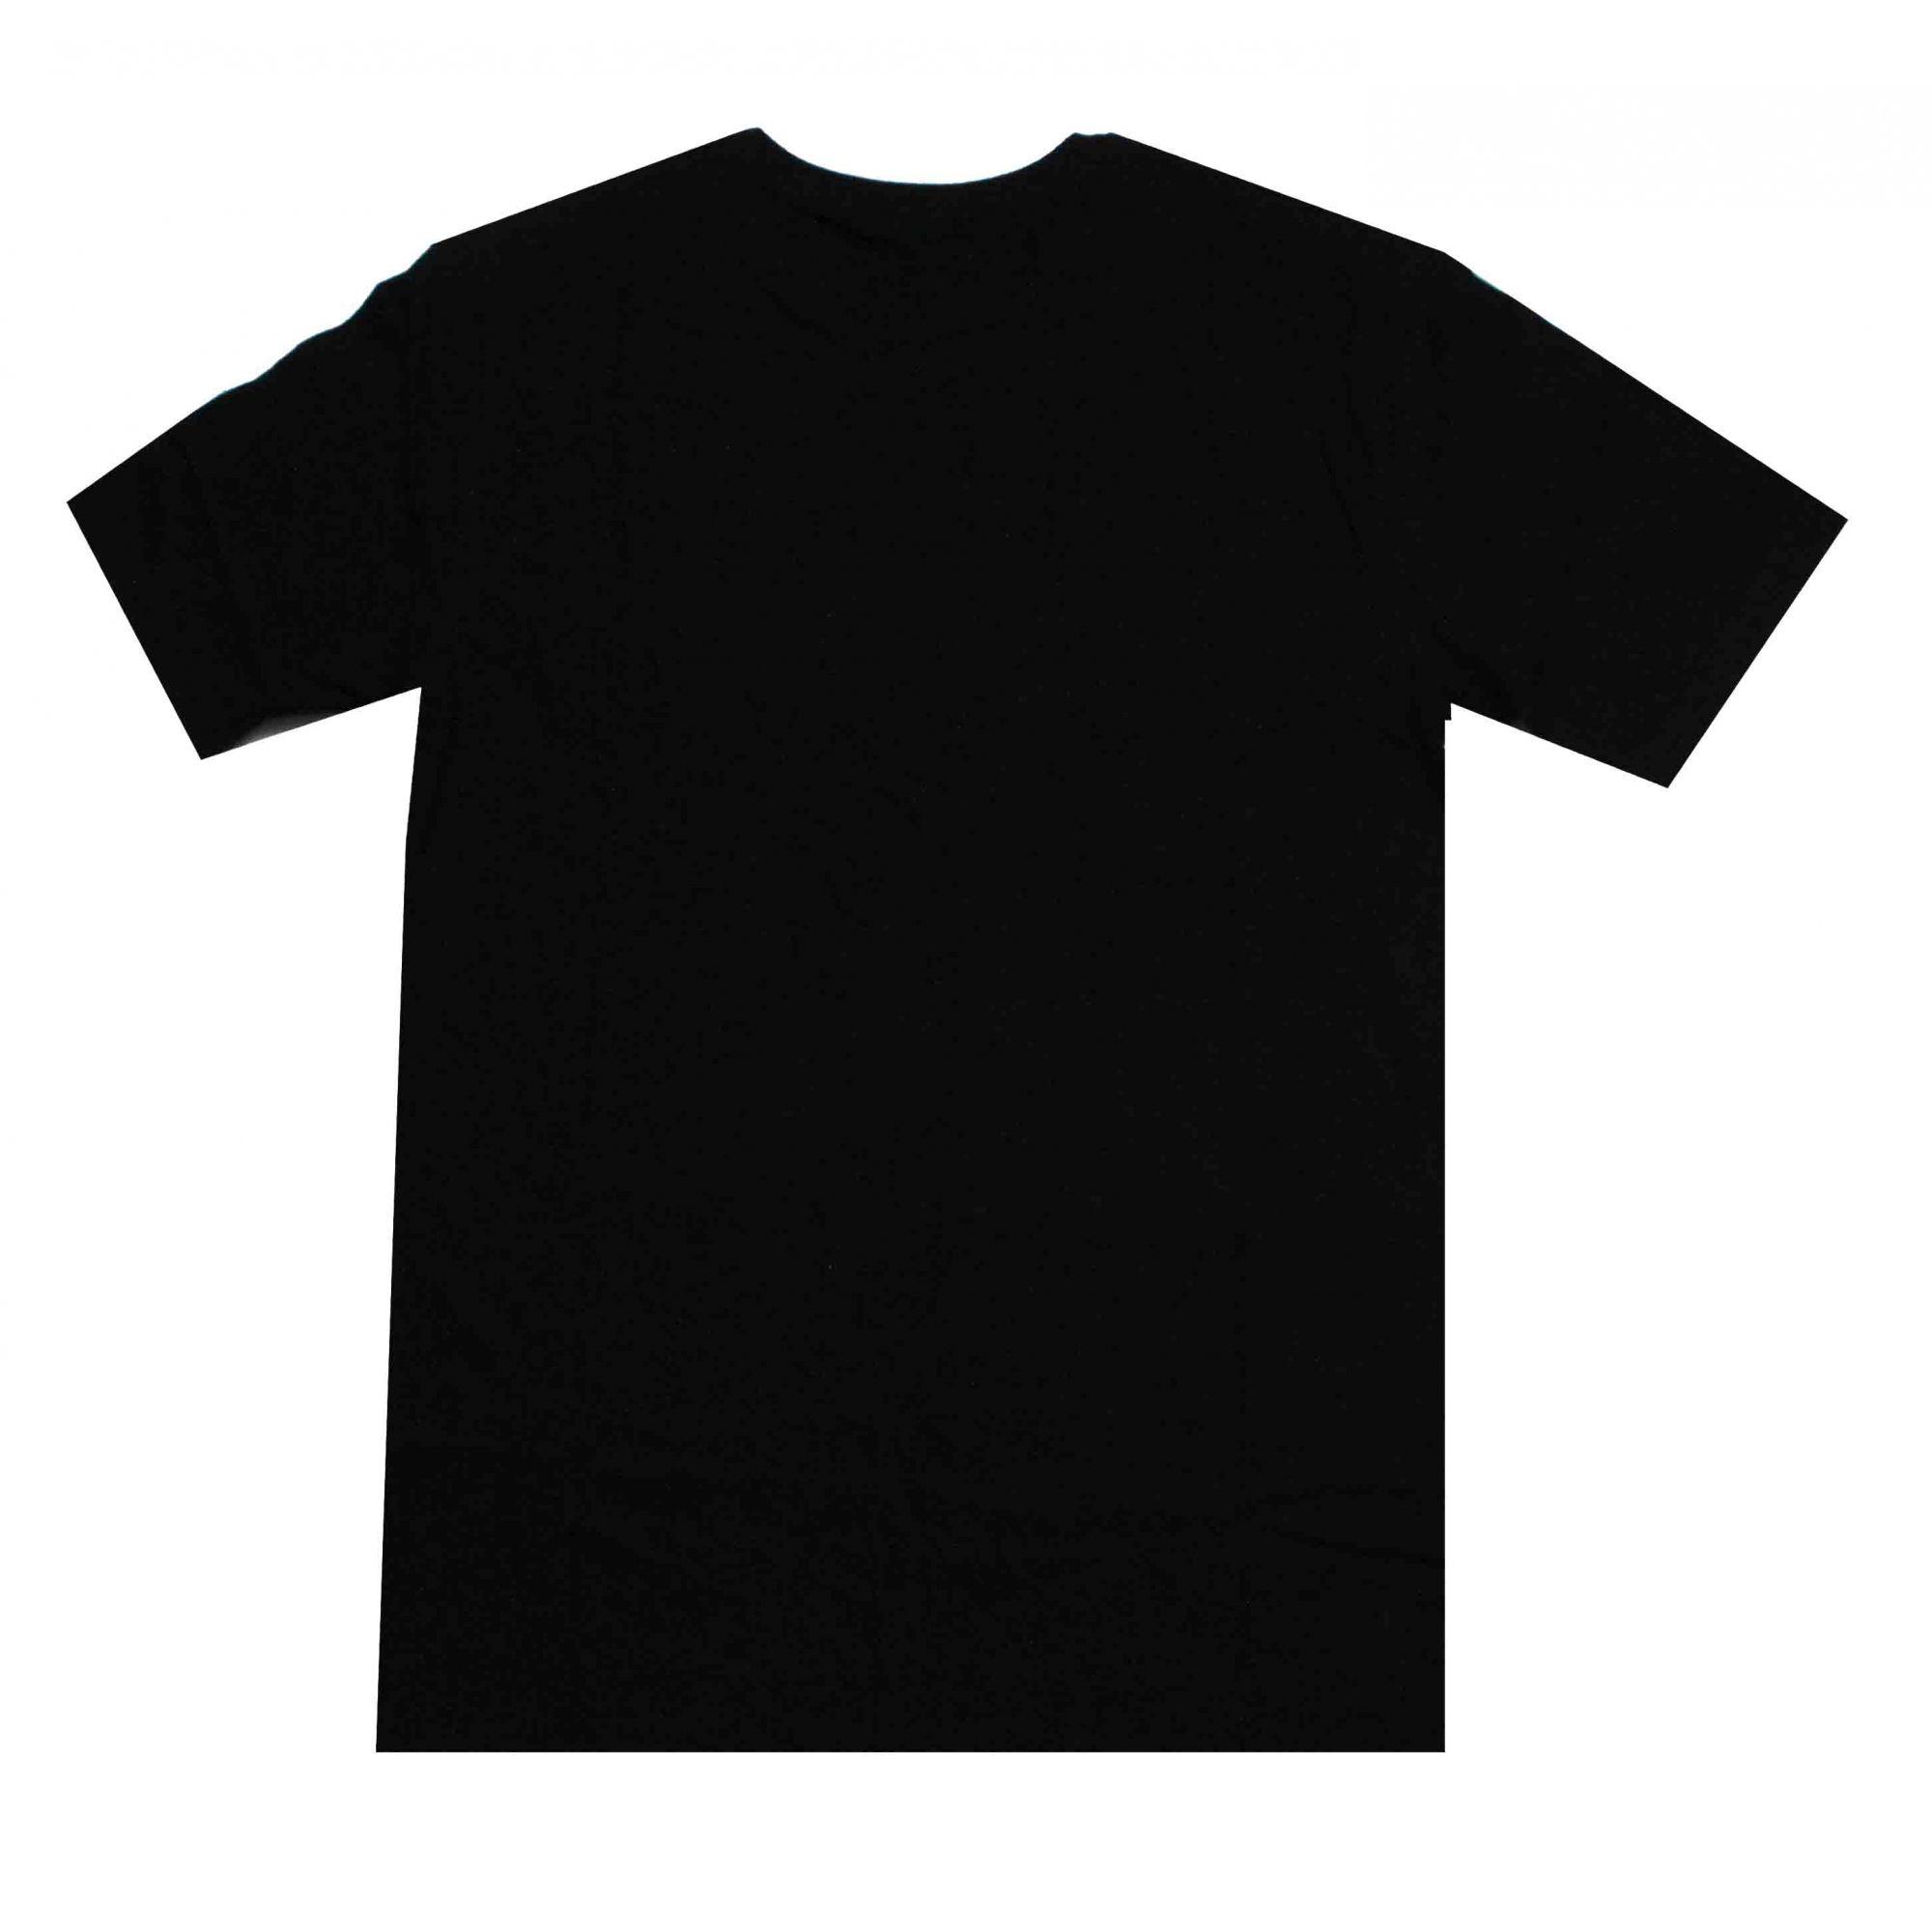 Camiseta DGK Levels Black